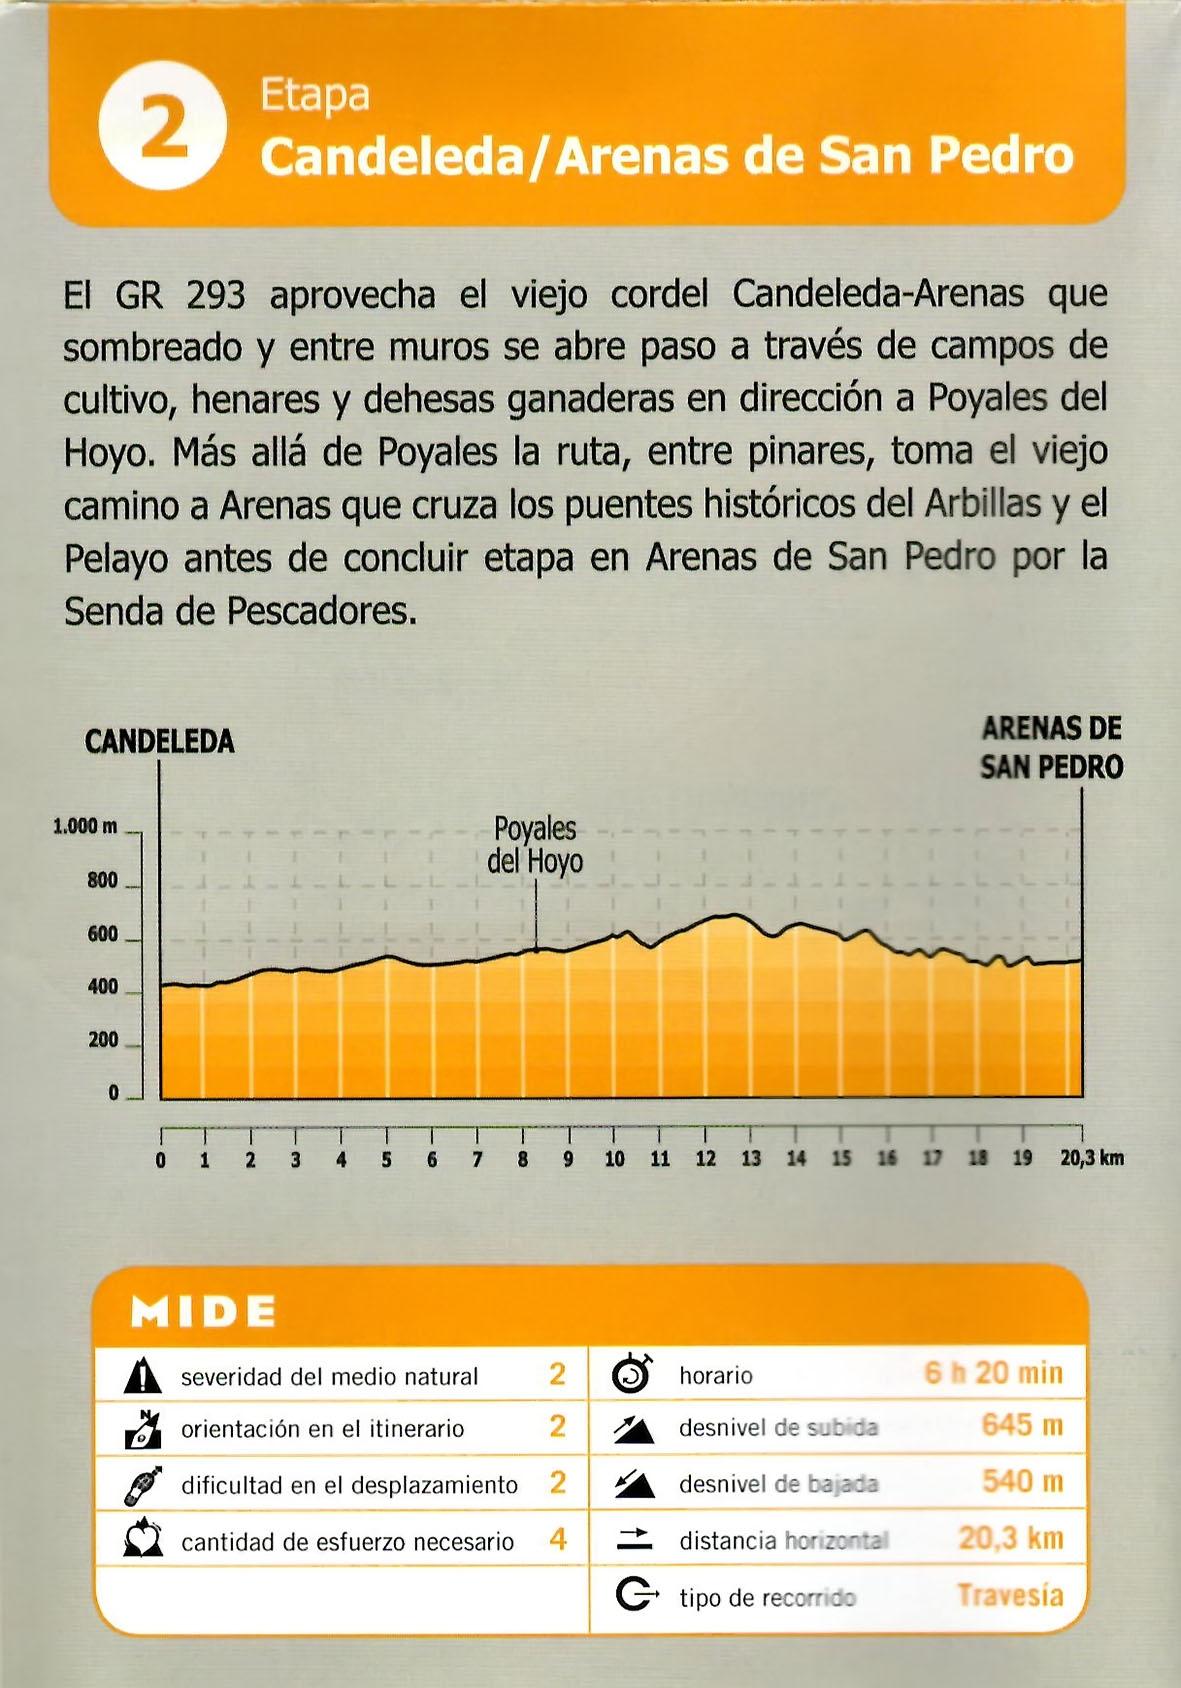 GR293- A Vueltas Con Gredos (Etapa 2) - TiétarTeVe